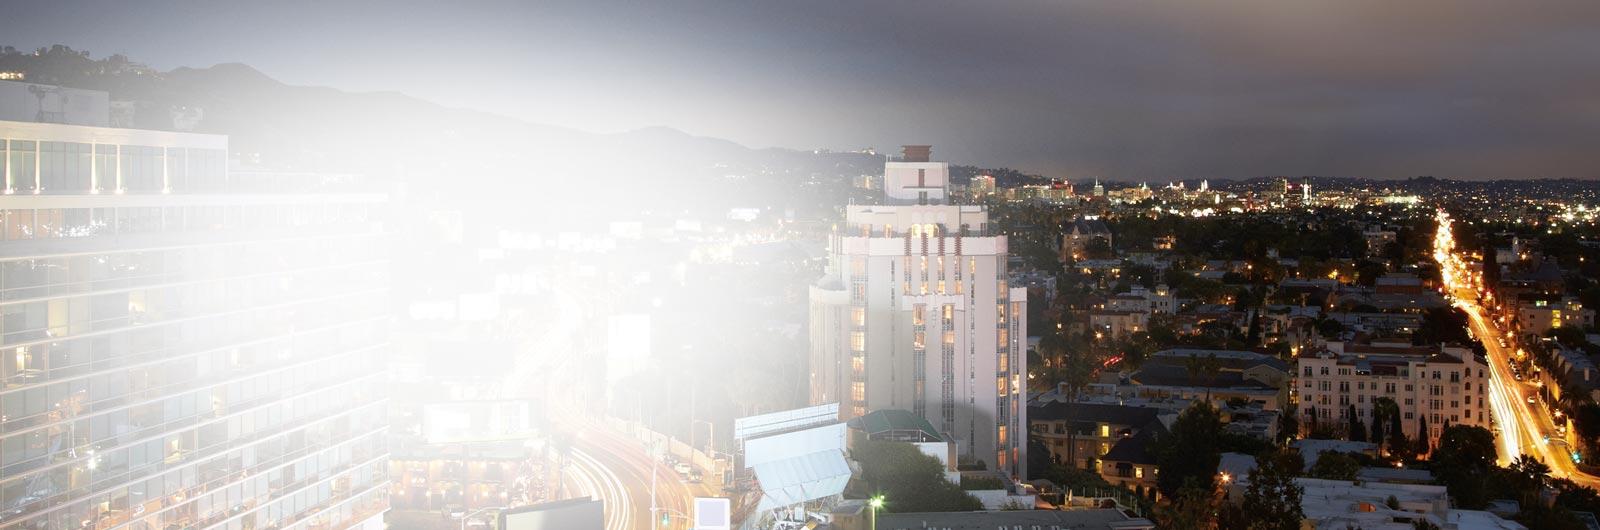 Egy nagyváros éjszakai látképe. Olvassa el Exchange-ügyfeleink sikertörténeteit a világ minden pontjáról.